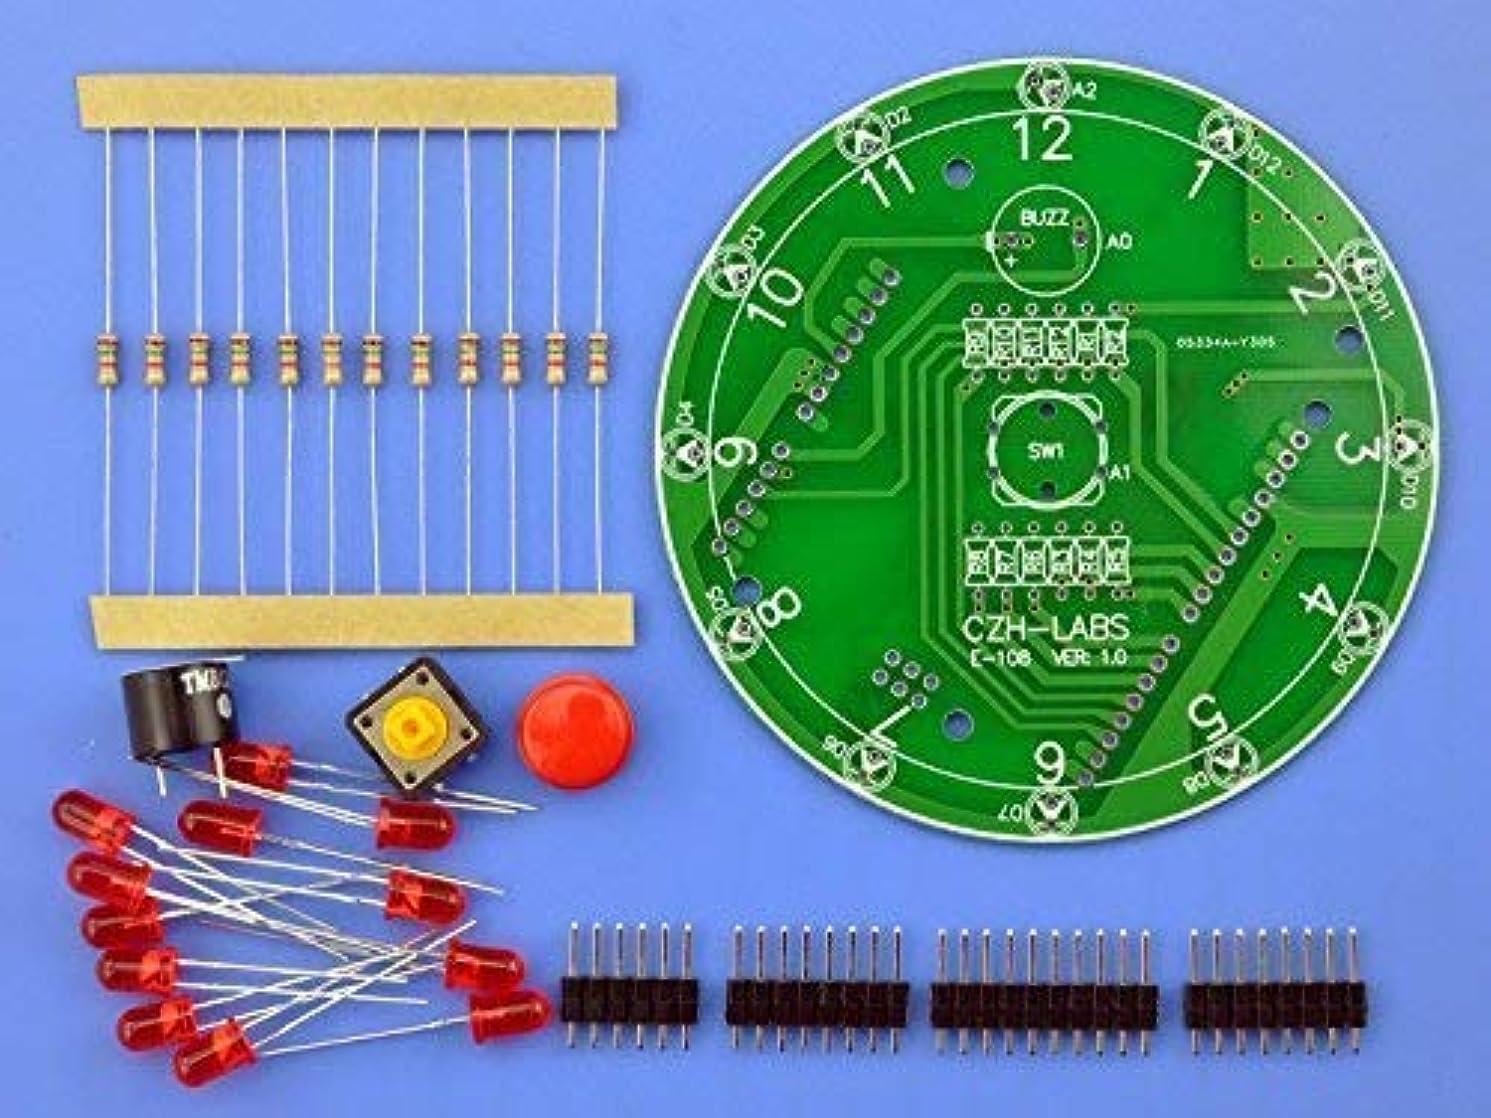 以上砂利オーケストラCZH-LABS elecronics-サロン12位 Arduino UNO R3用 電子ラッキーロータリーボードキット主導しました